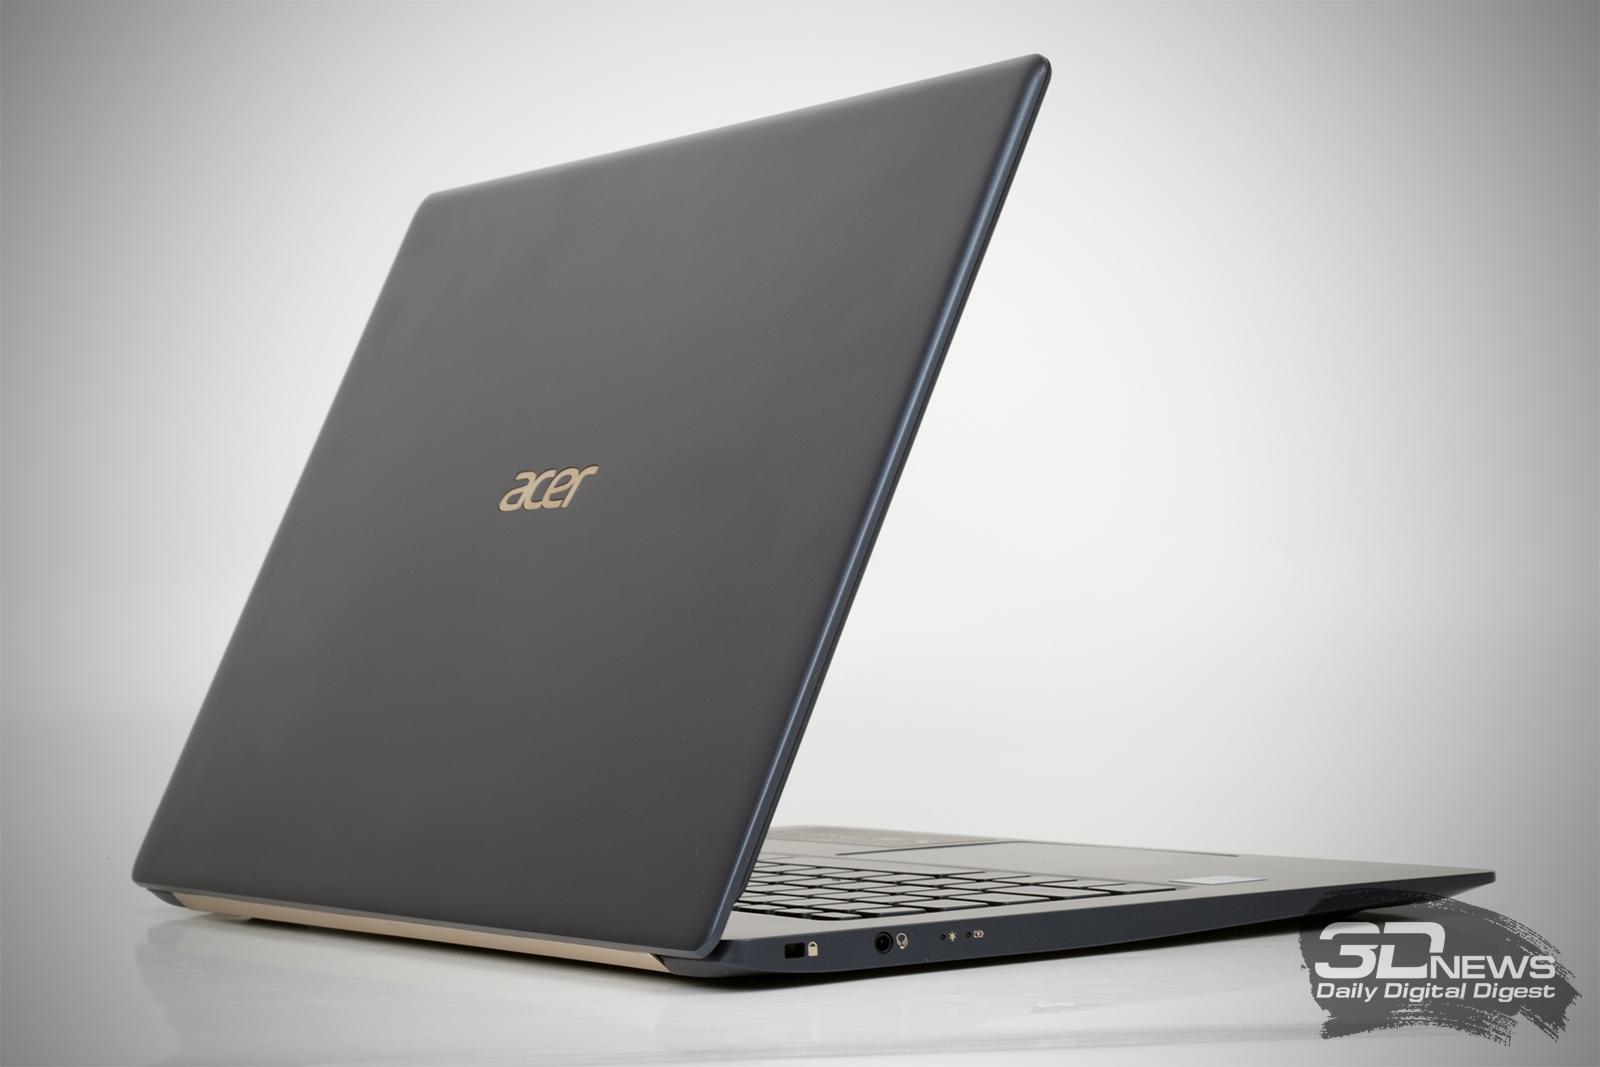 Обзор ноутбука Acer Swift 5: нет времени созерцать — надо работать